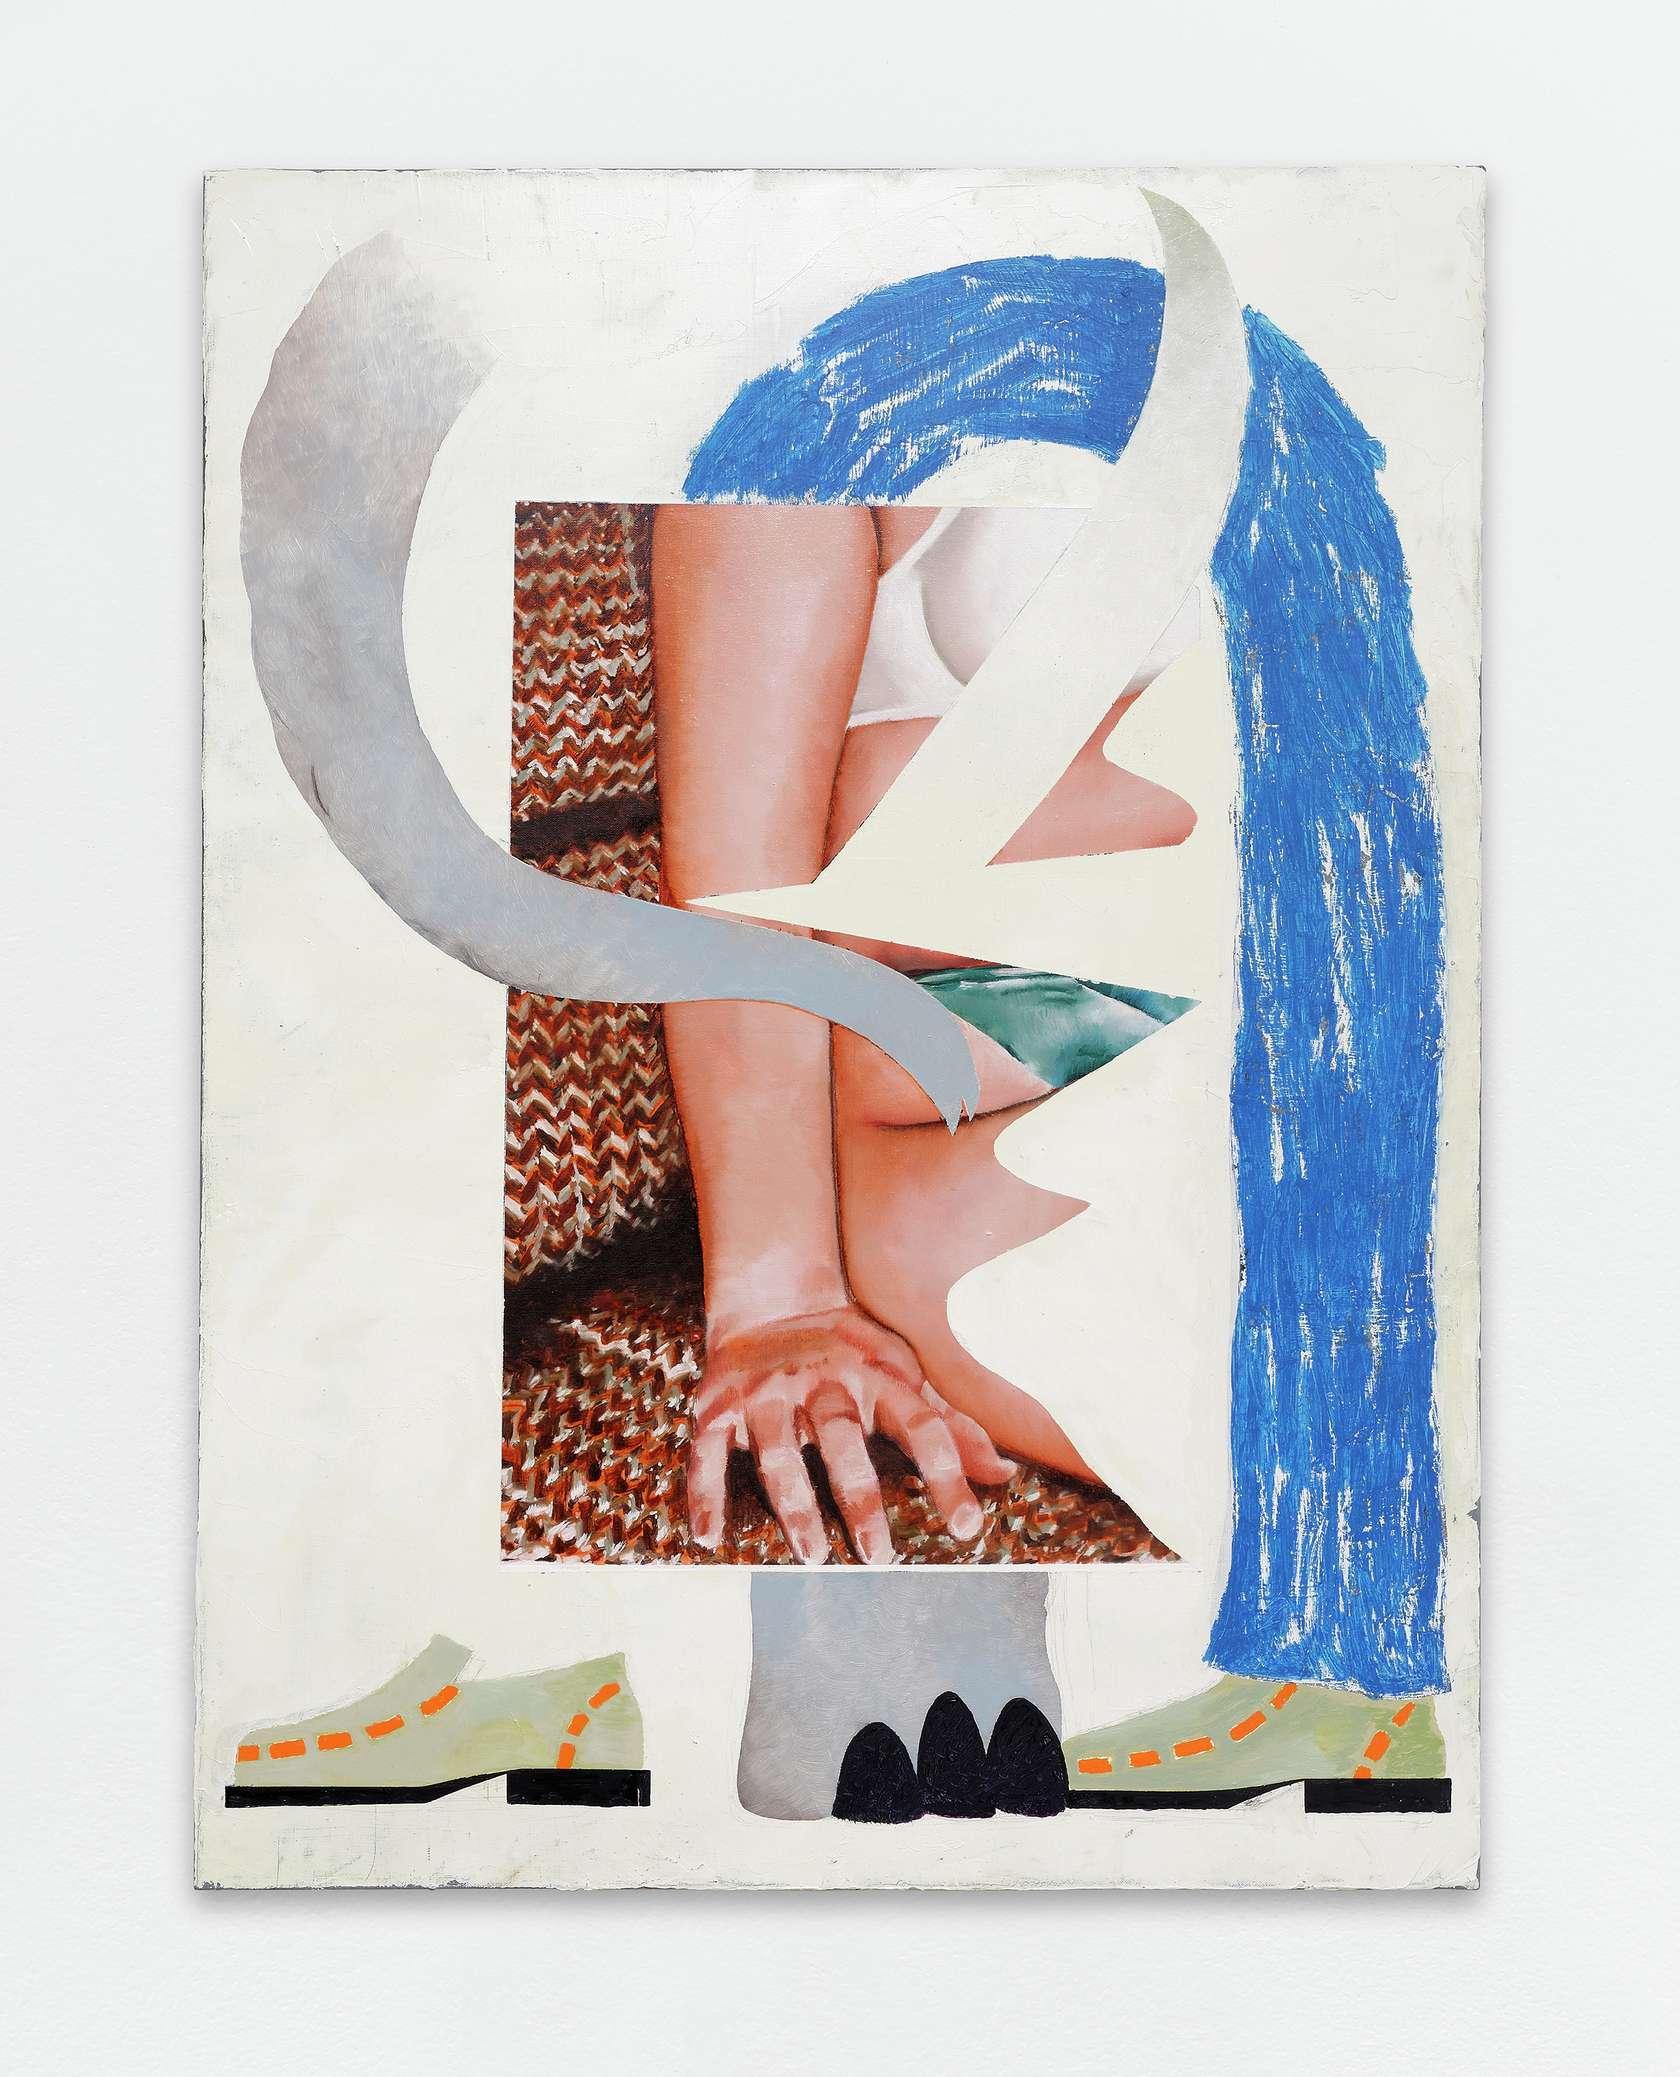 Laurent Proux, Éléphant, 2017 Huile sur toile130 × 97 cm / 51 1/8 × 38 2/8 in.